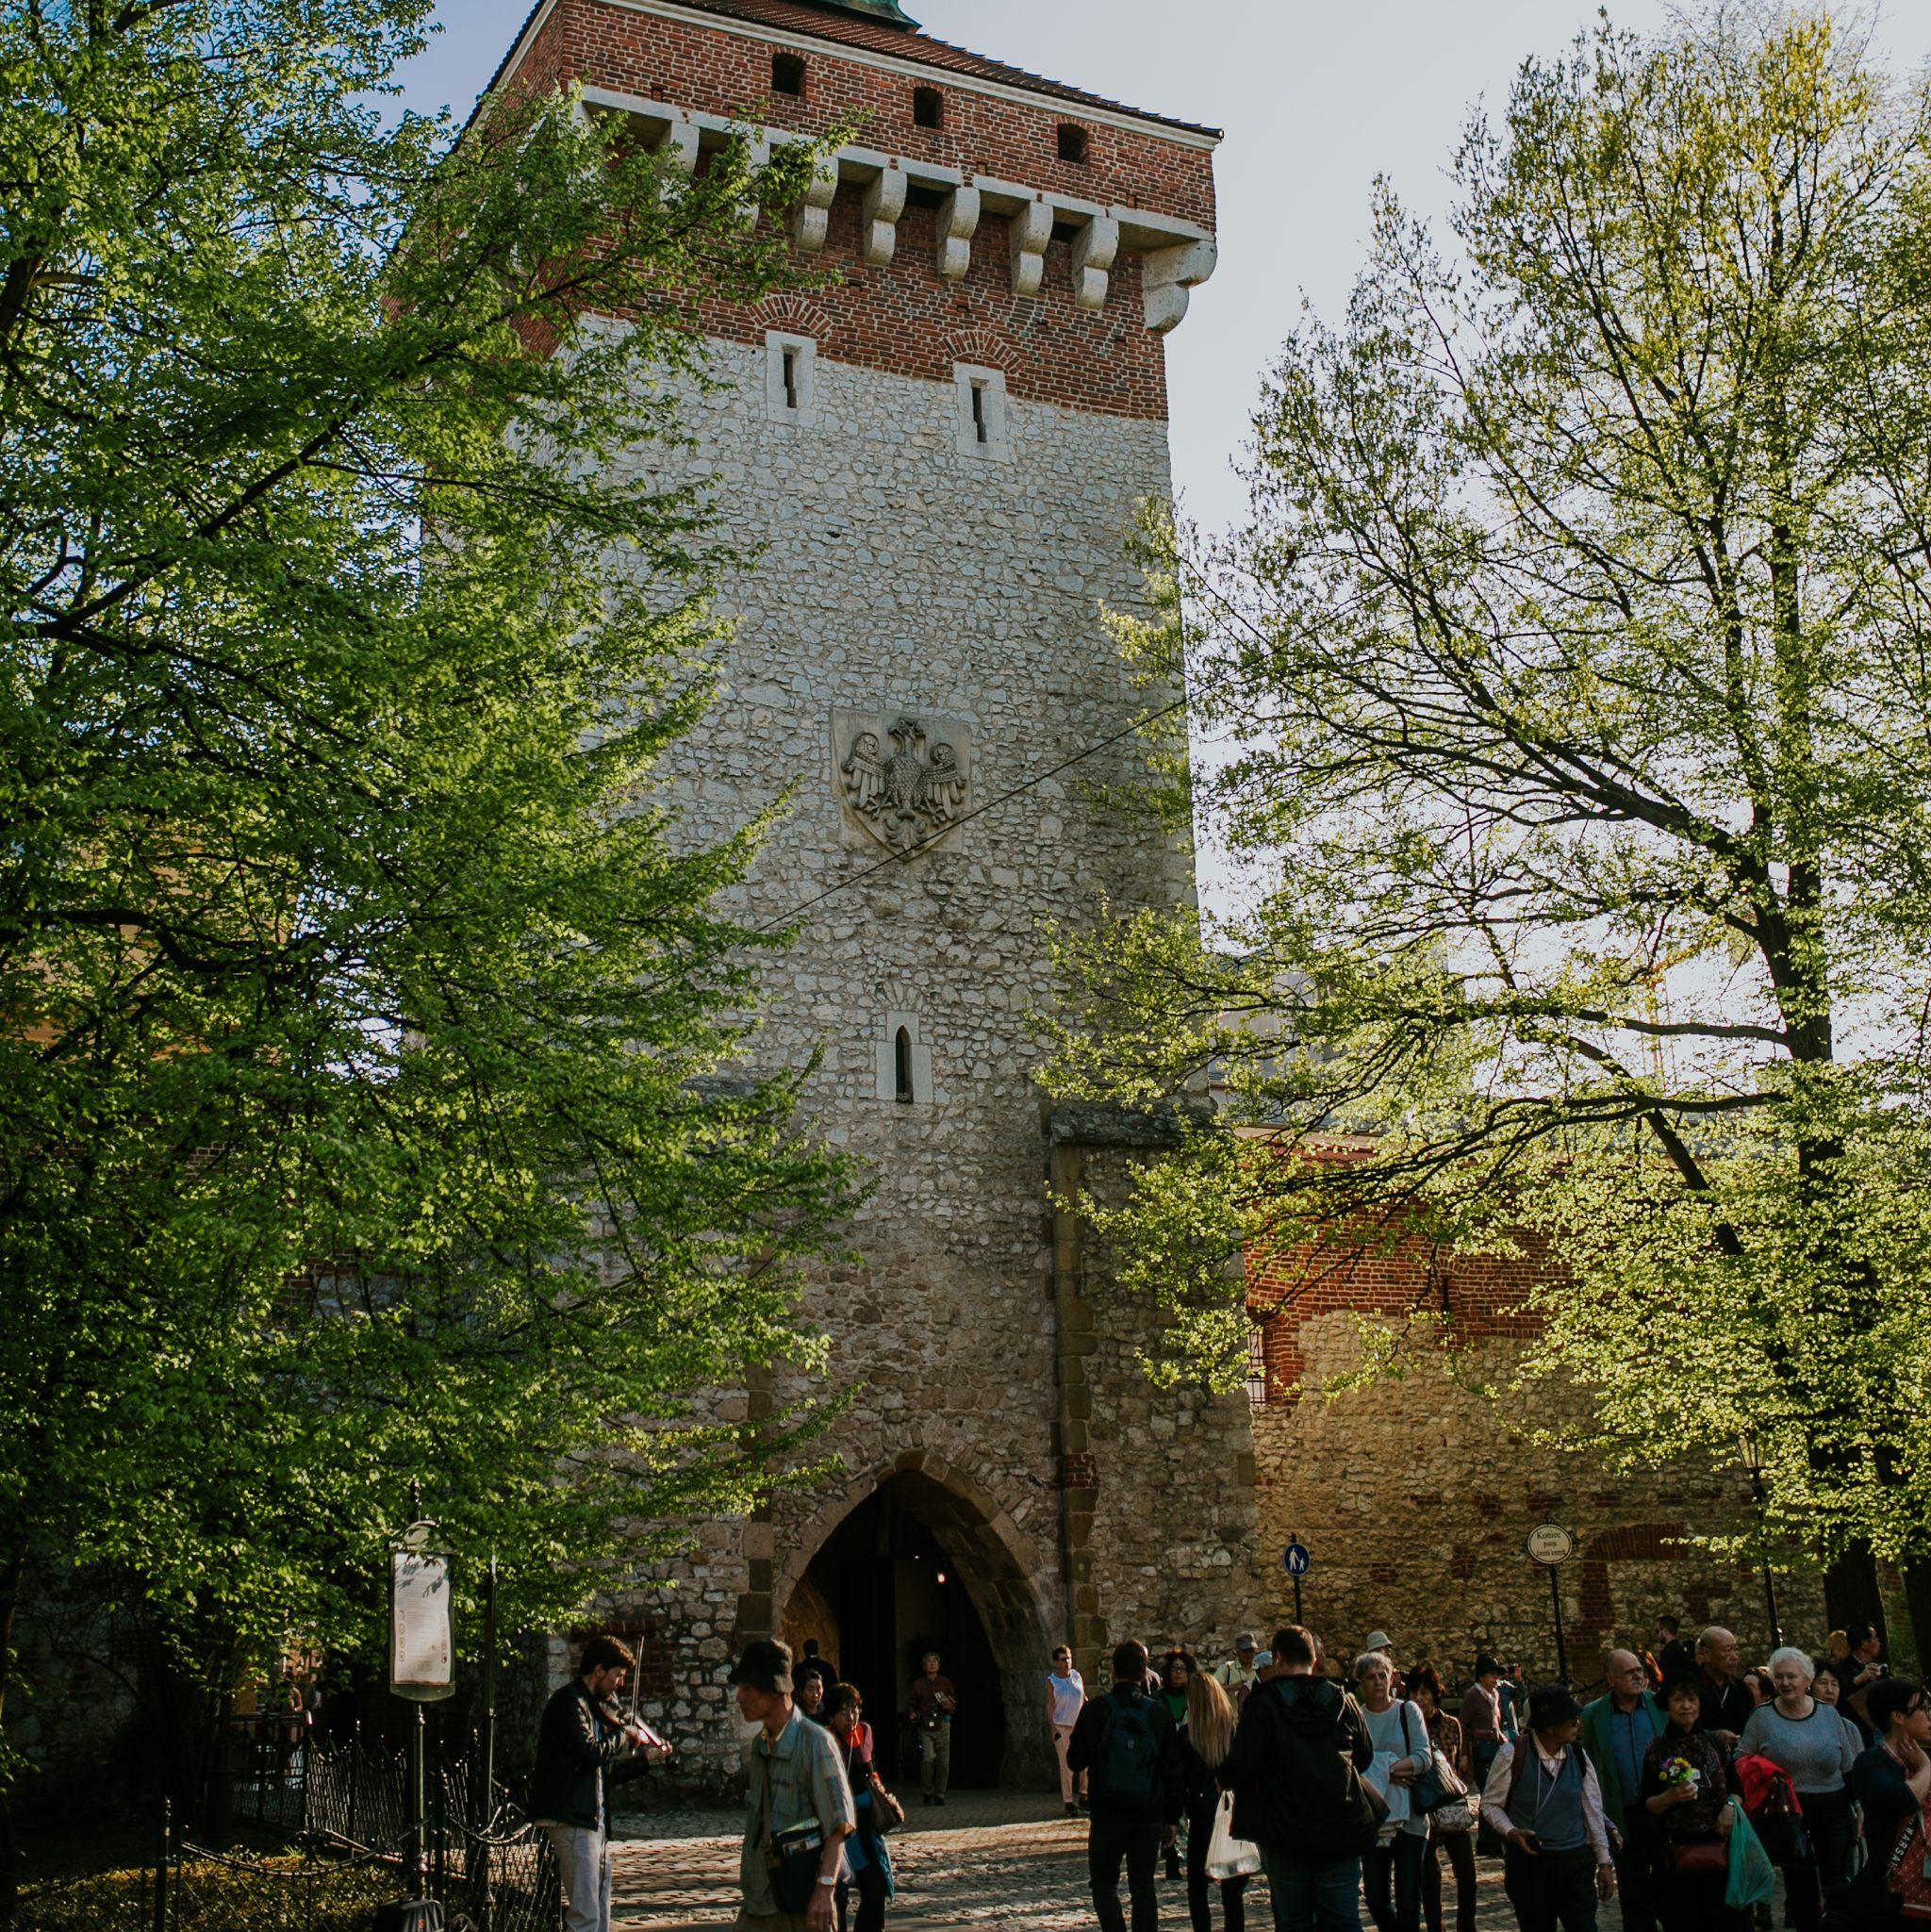 St Florians Gate